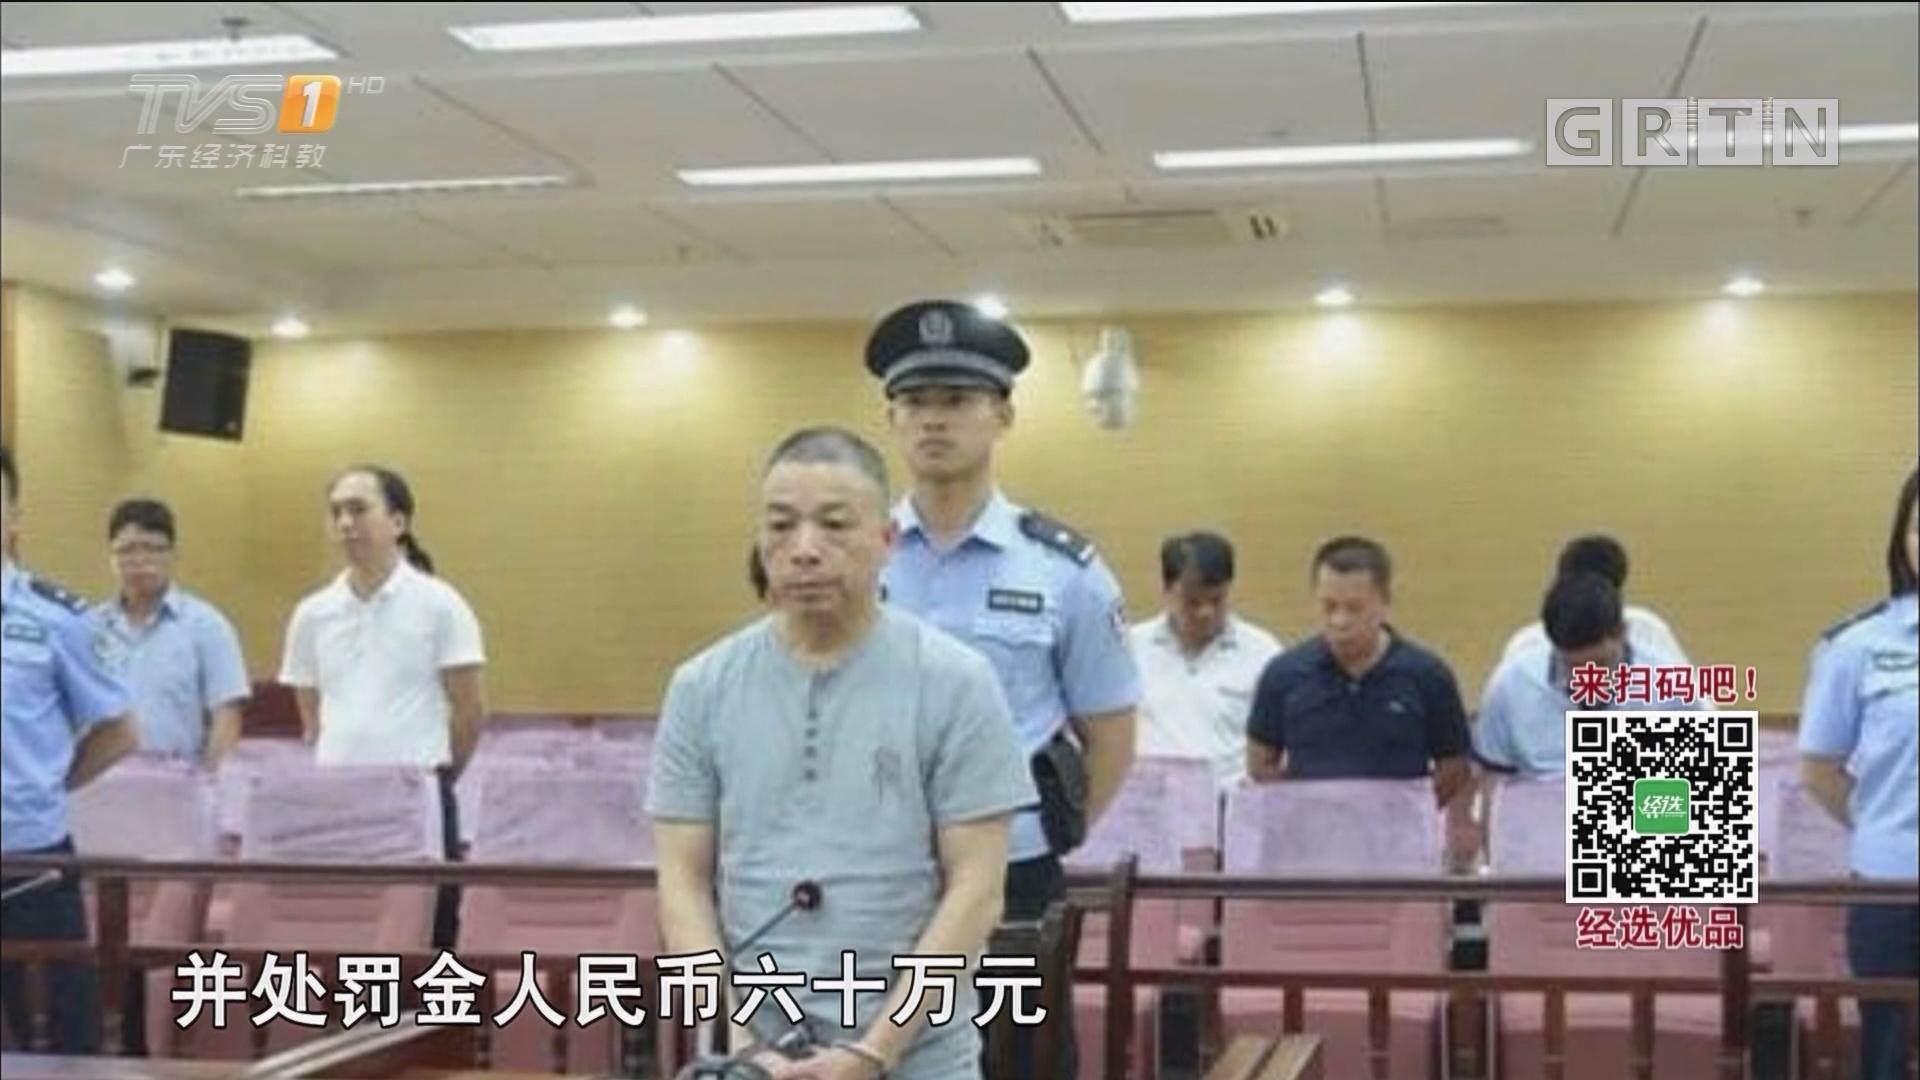 """廉政观察:""""官员请吃穿山甲""""事件涉事官员因受贿罪获刑10年半"""